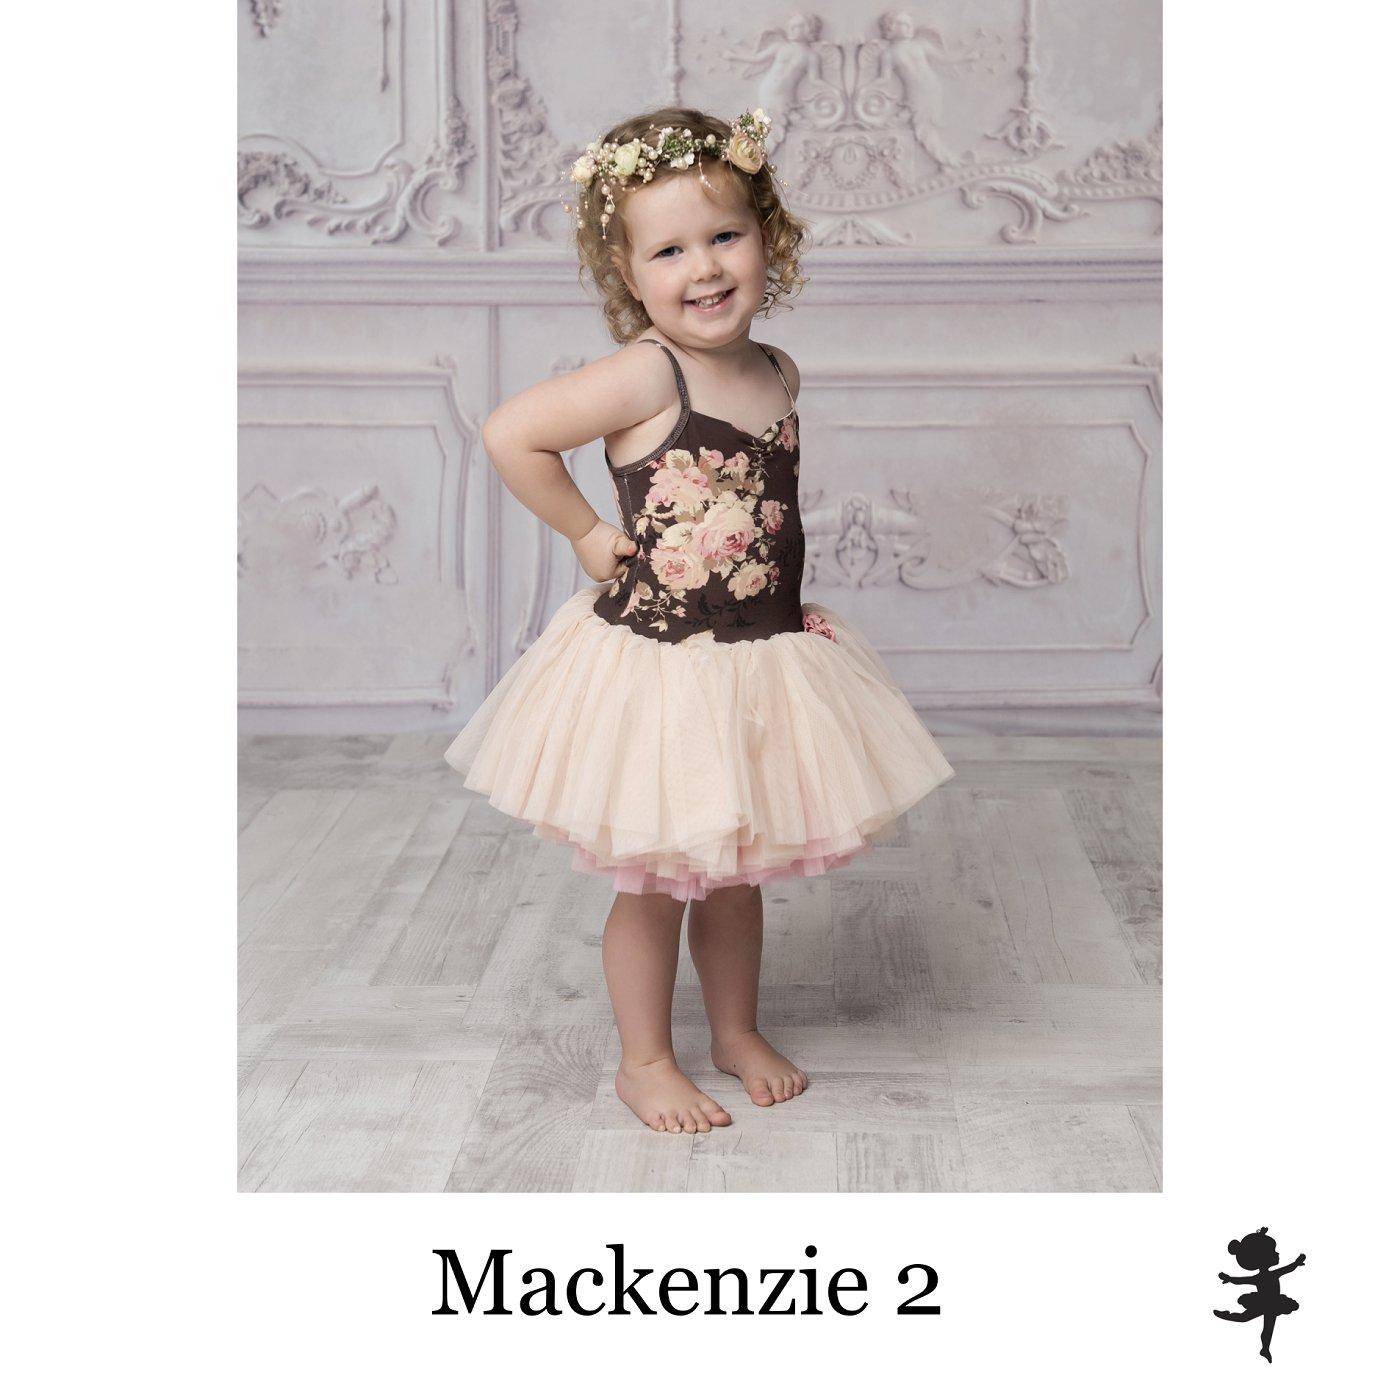 LB3619- Mackenzie 2.jpg